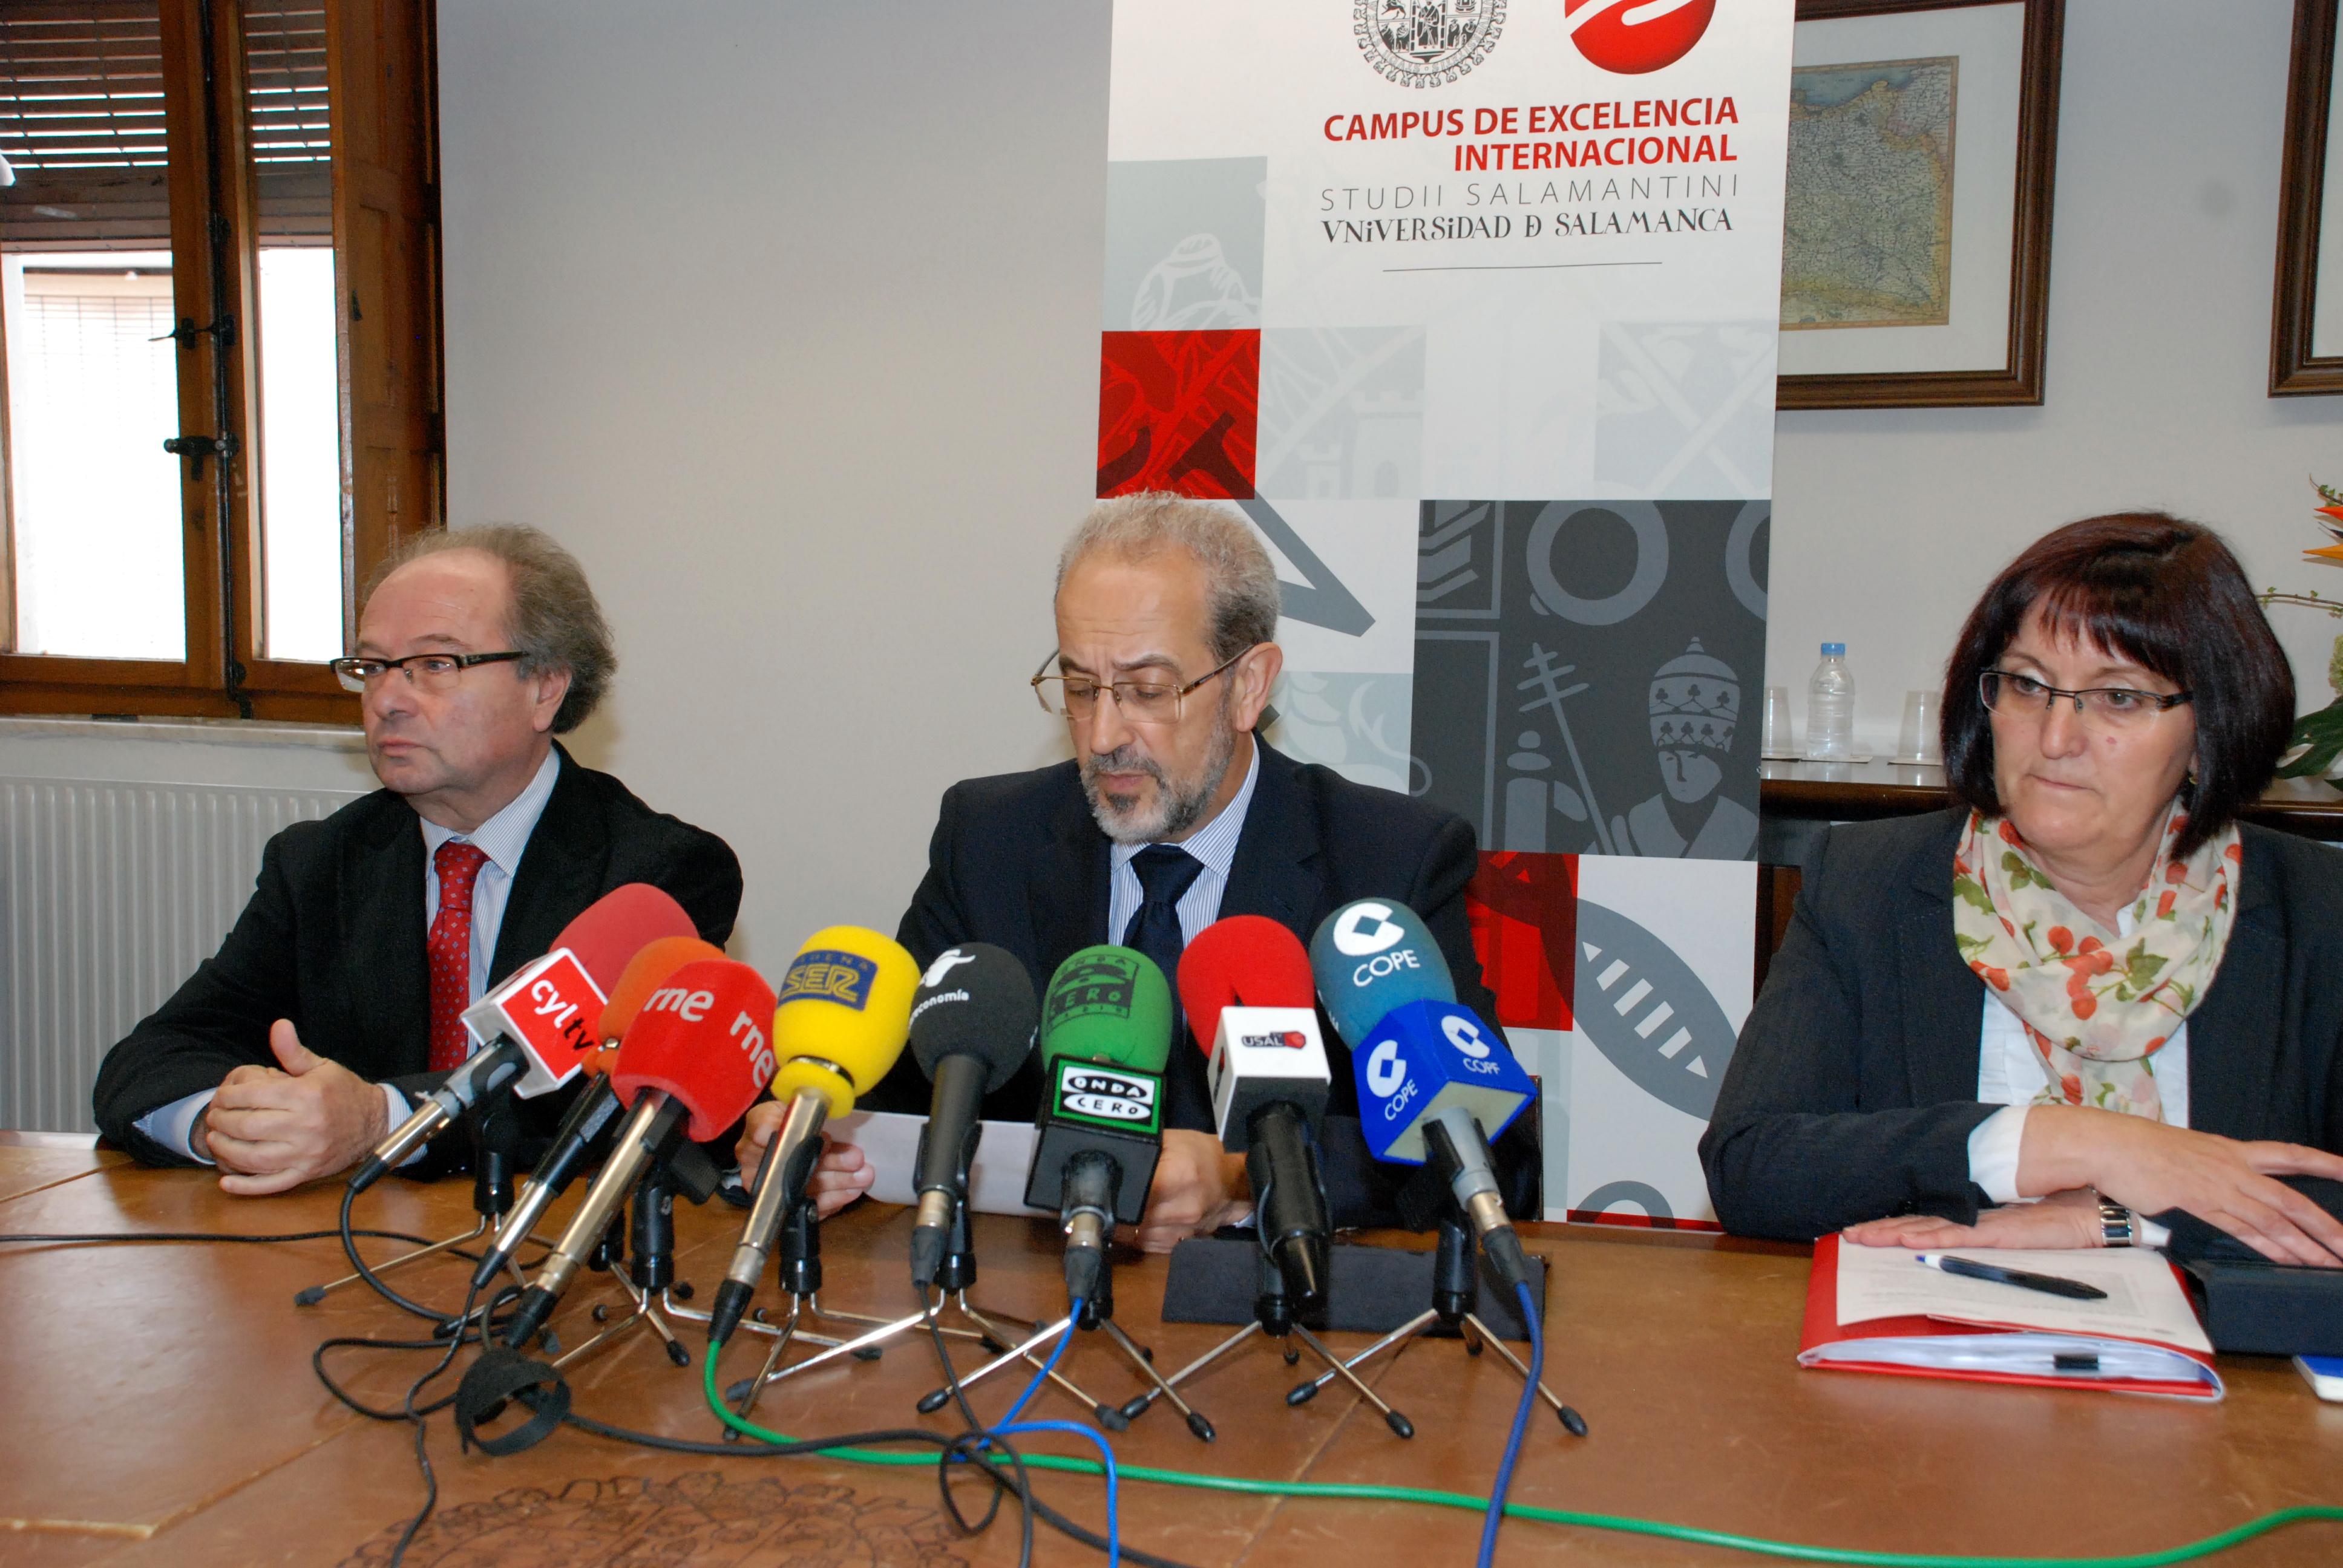 La Universidad de Salamanca pondrá en marcha un Plan de Apoyo, Impulso y Desarrollo de la Excelencia Internacional